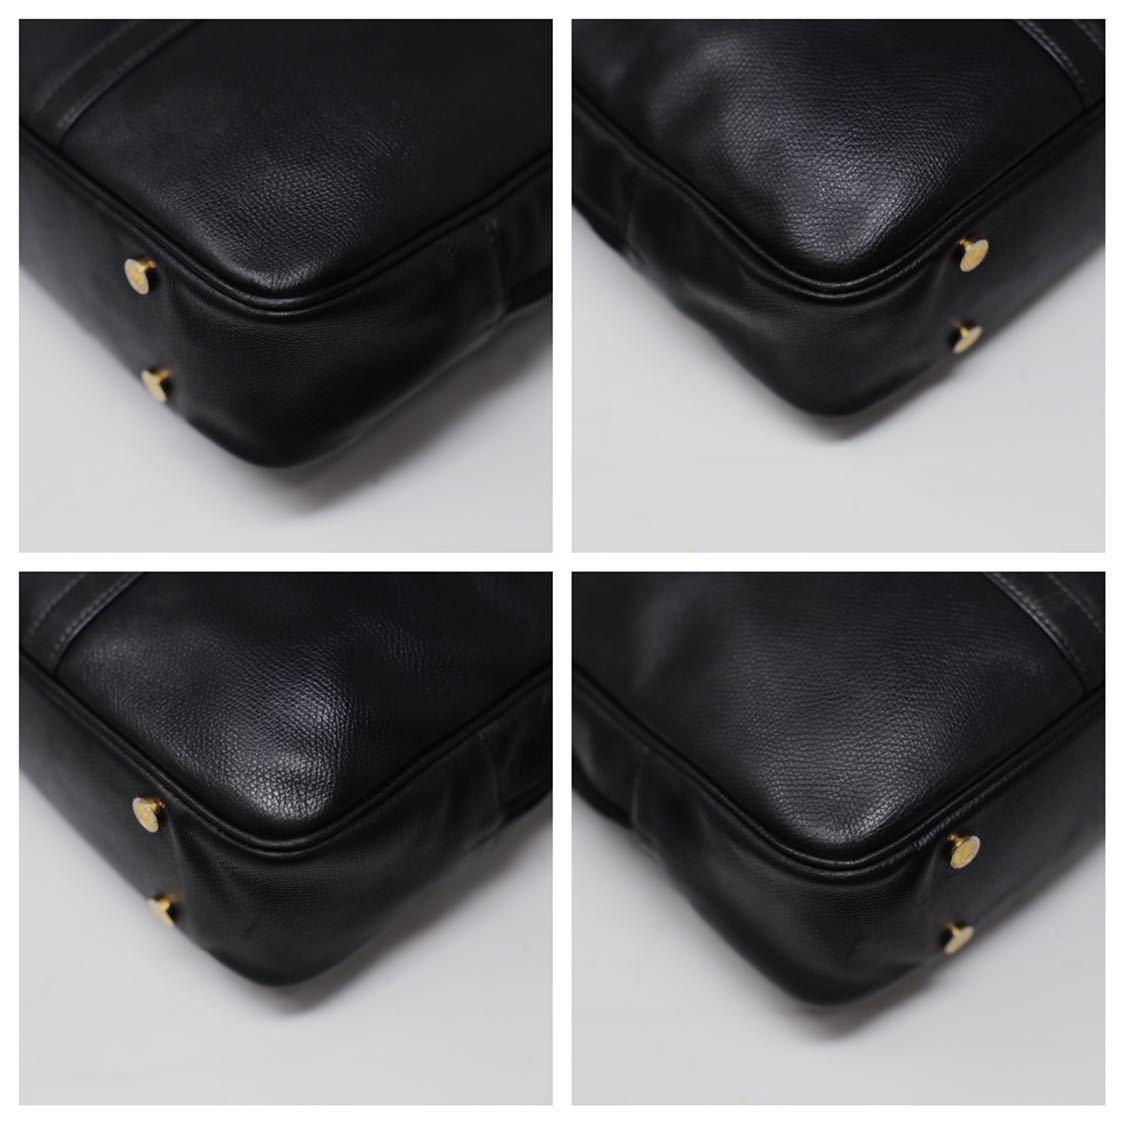 極美品 美品 A4収納 PC収納 LOEWE ロエベ ビジネスバッグ ブリーフケース 25万 メンズ カーフ レザー本革 黒 ブラック バッグ ビンテージ_画像5